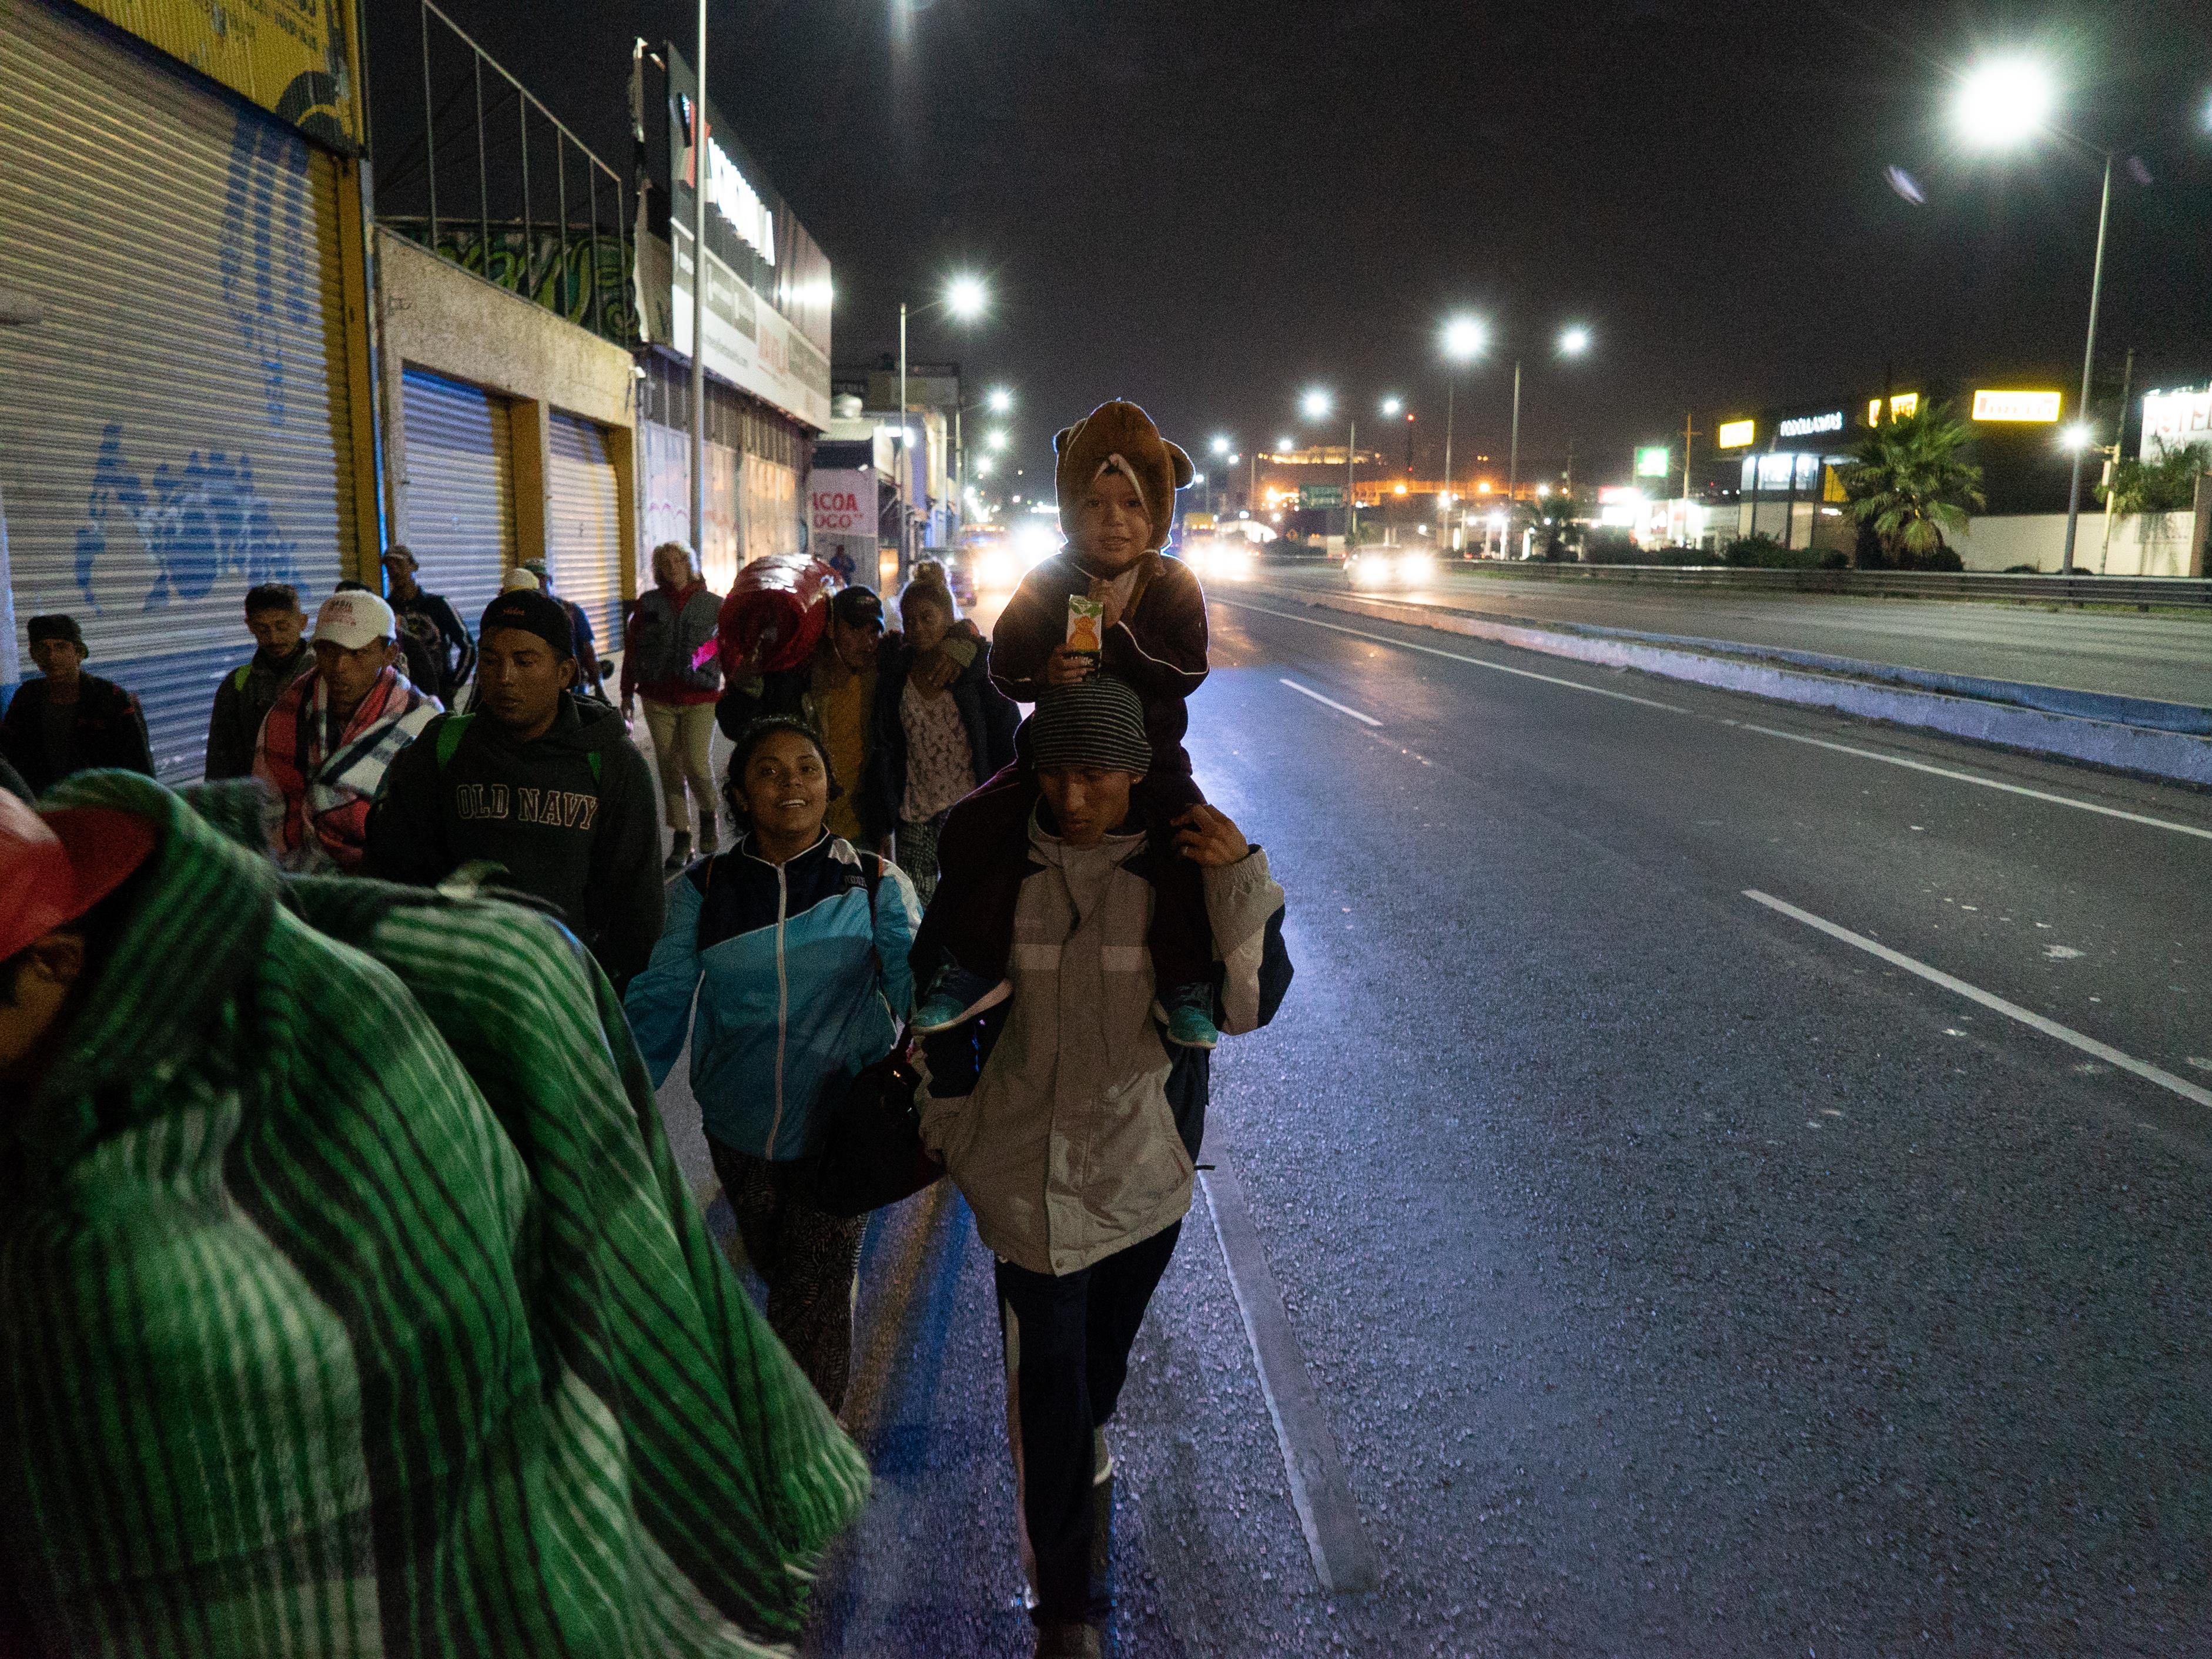 Un enfant sur les épaules de son père, qui marche avec d'autres migrants.